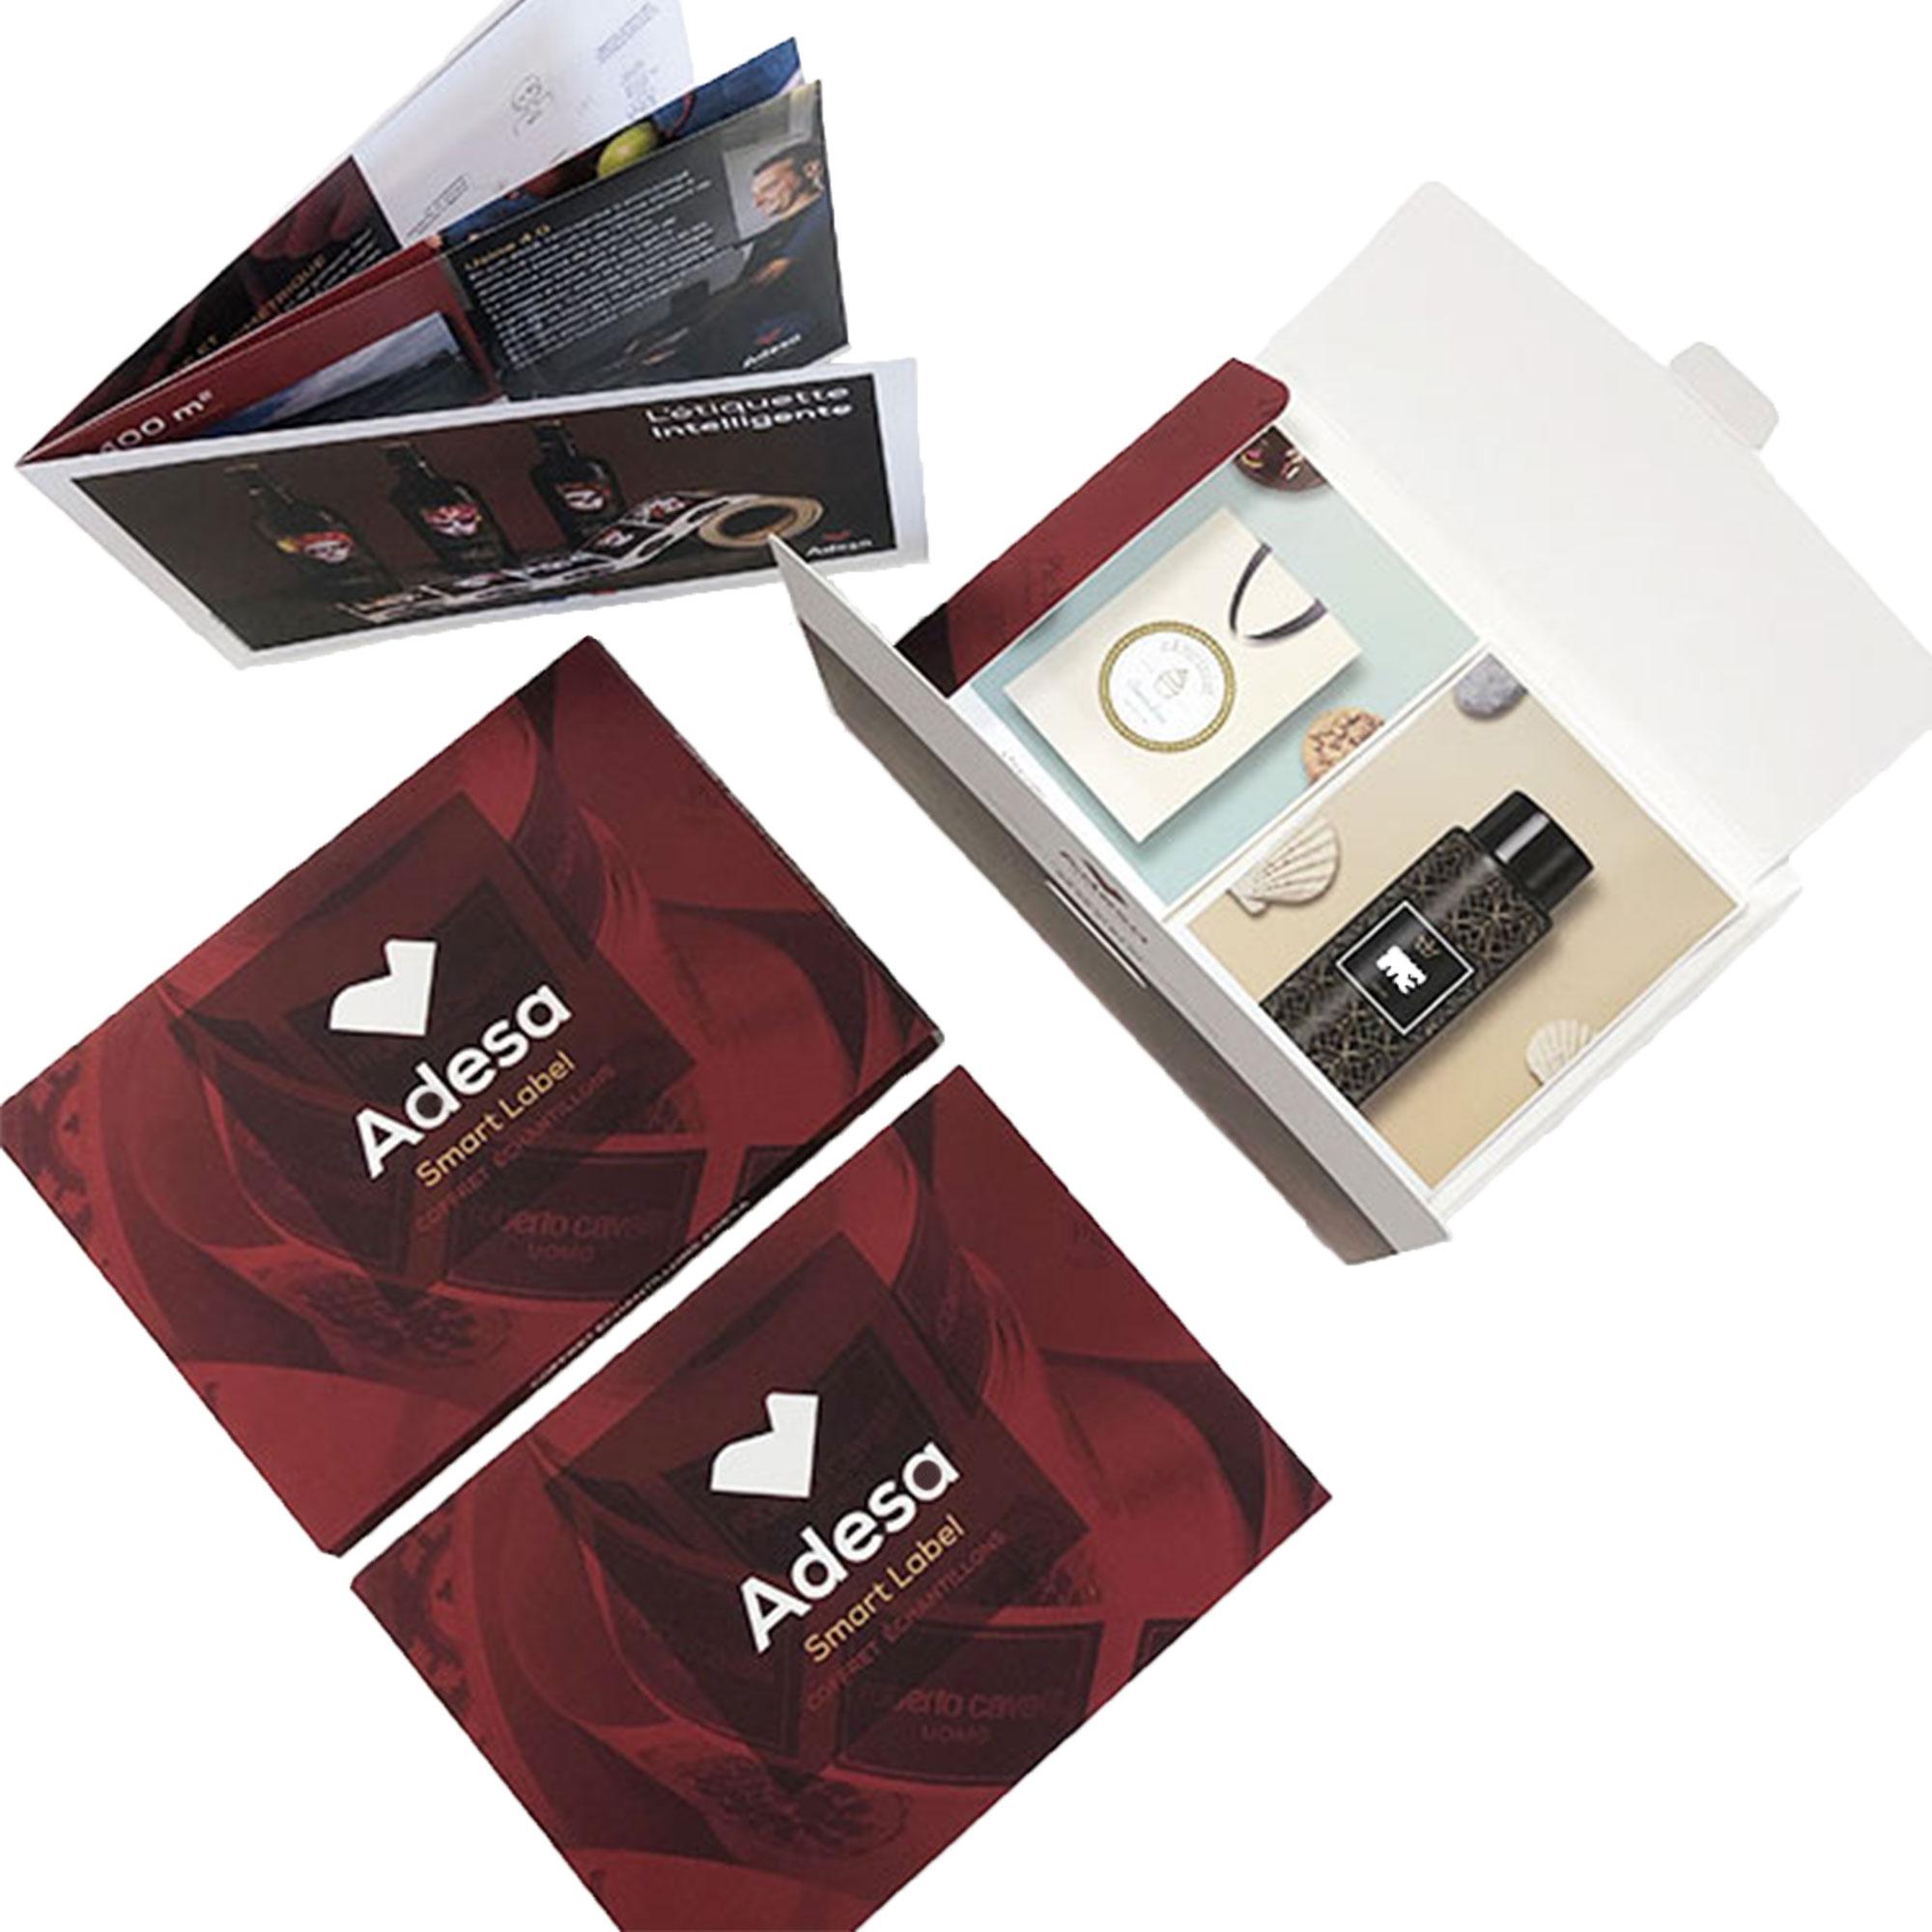 Echantillons d'étiquettes adhésives Adesa